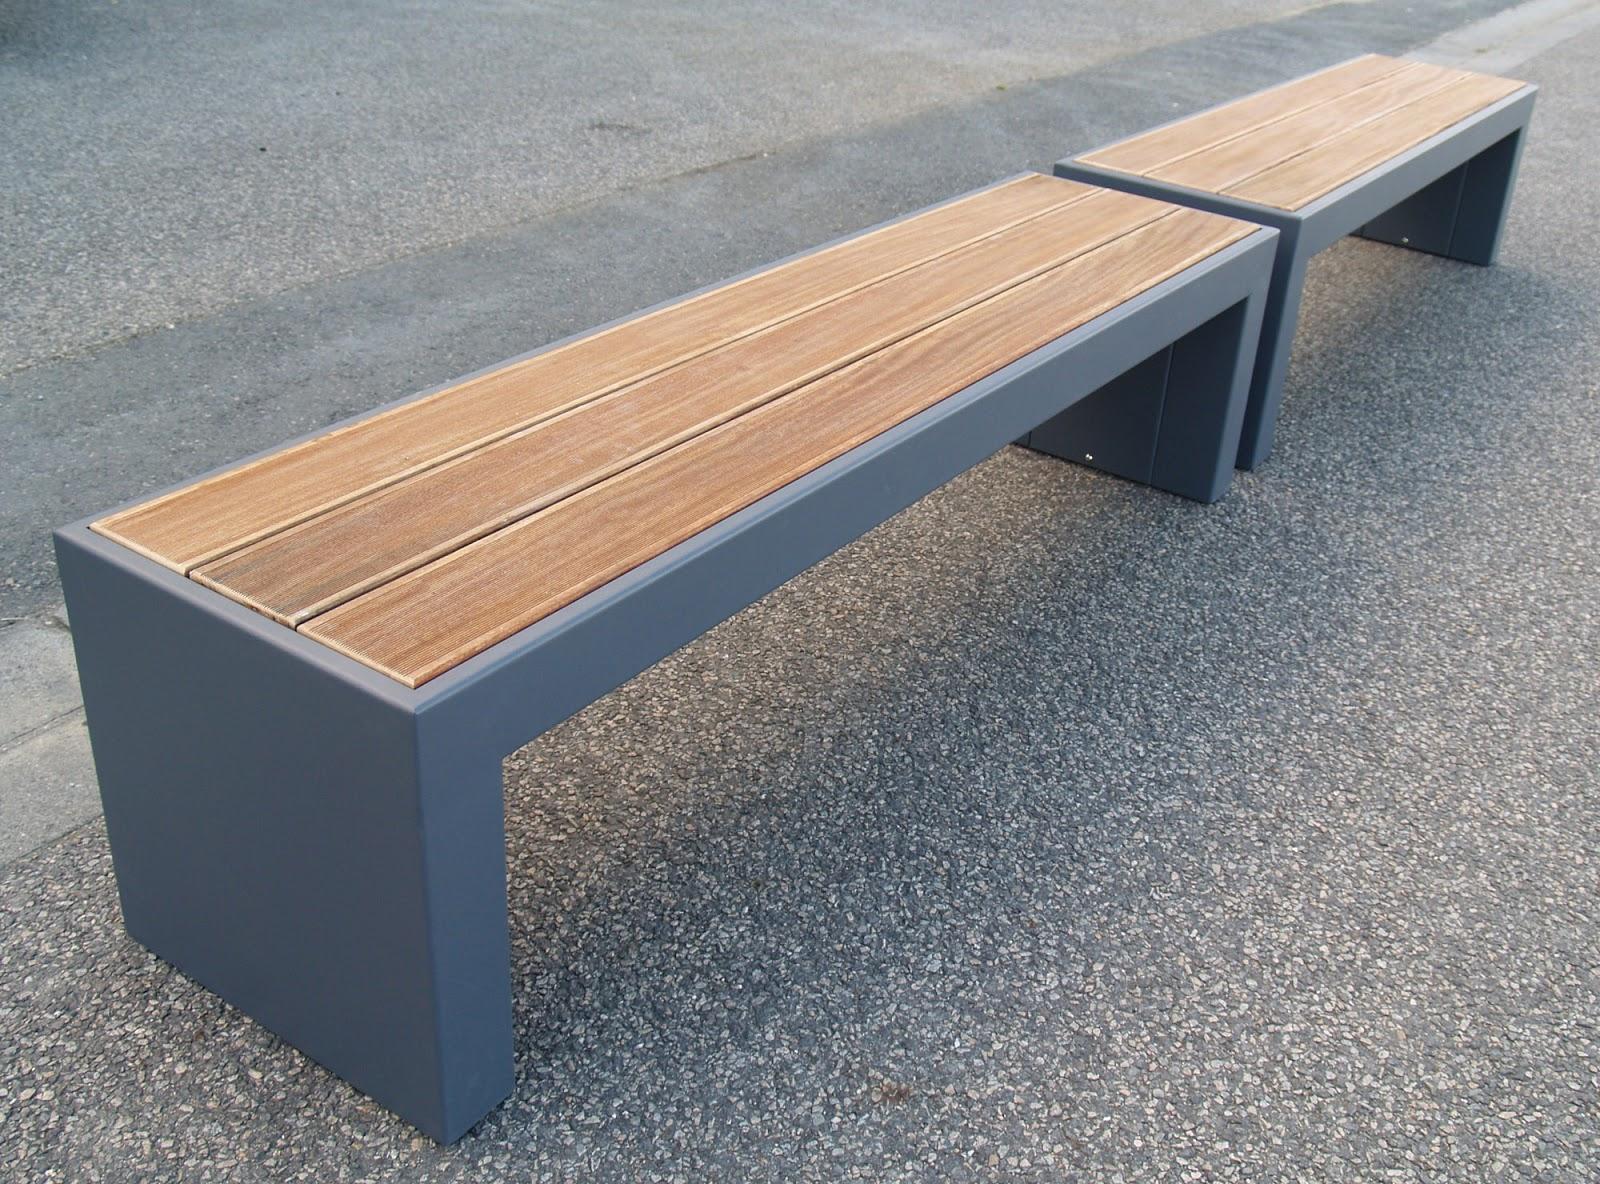 galerie photos bacs sur mesure image 39 in les bancs sur mesure steelab. Black Bedroom Furniture Sets. Home Design Ideas